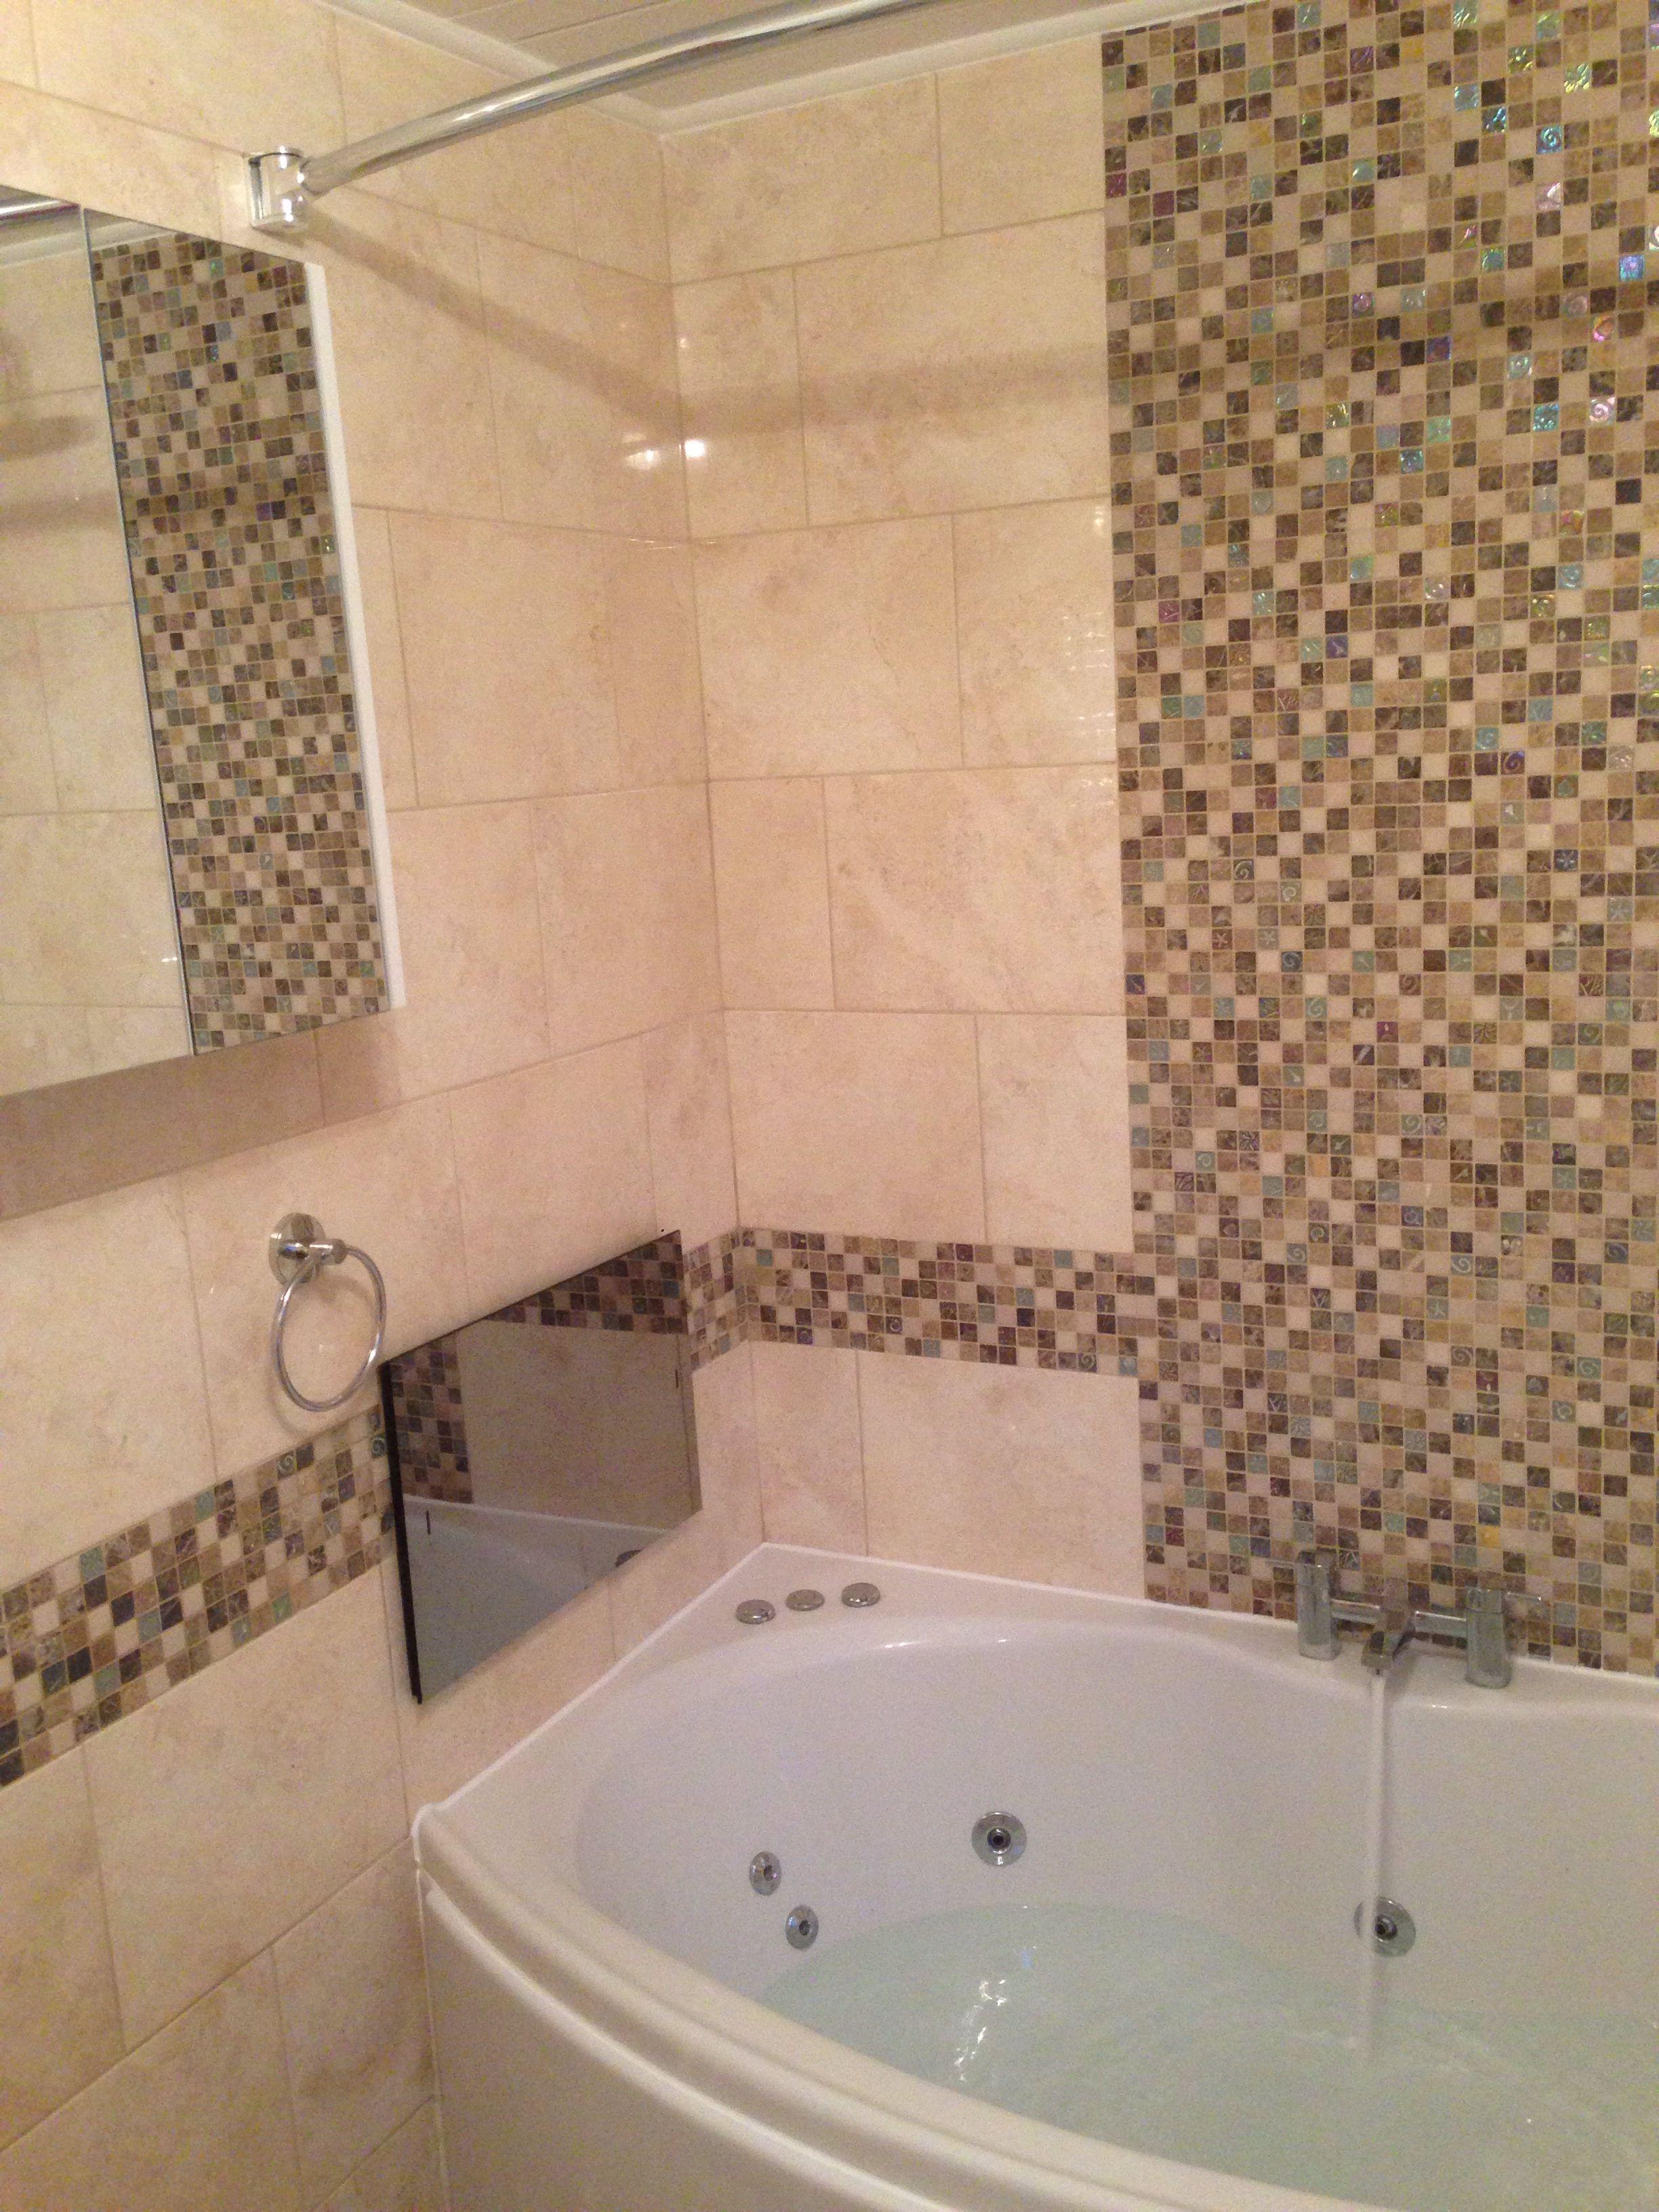 Waterproof Tv In Bathroom Why Not Bathrooms Remodel Tv In Bathroom Bathroom